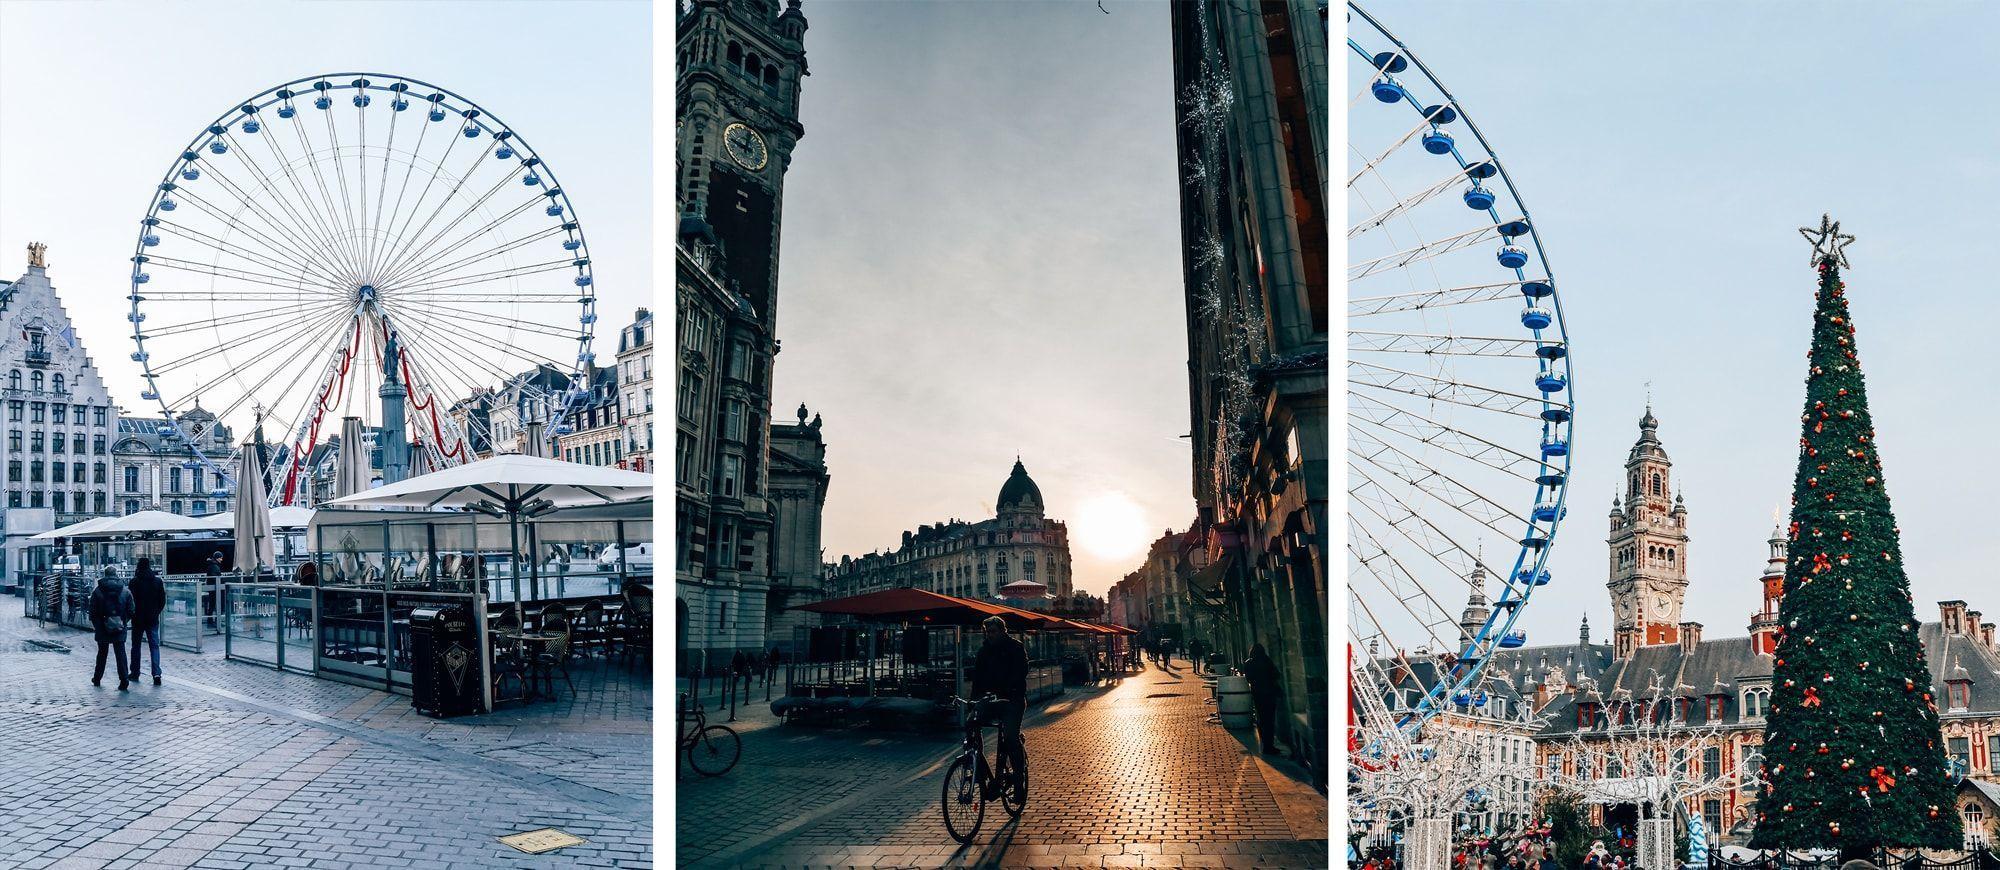 Marché de Noël de Lille : À la découverte de Lille en décembre ! #marchédenoel Marché de Noël de Lille : À la découverte de Lille en décembre ! #marchédenoel Marché de Noël de Lille : À la découverte de Lille en décembre ! #marchédenoel Marché de Noël de Lille : À la découverte de Lille en décembre ! #marchédenoel